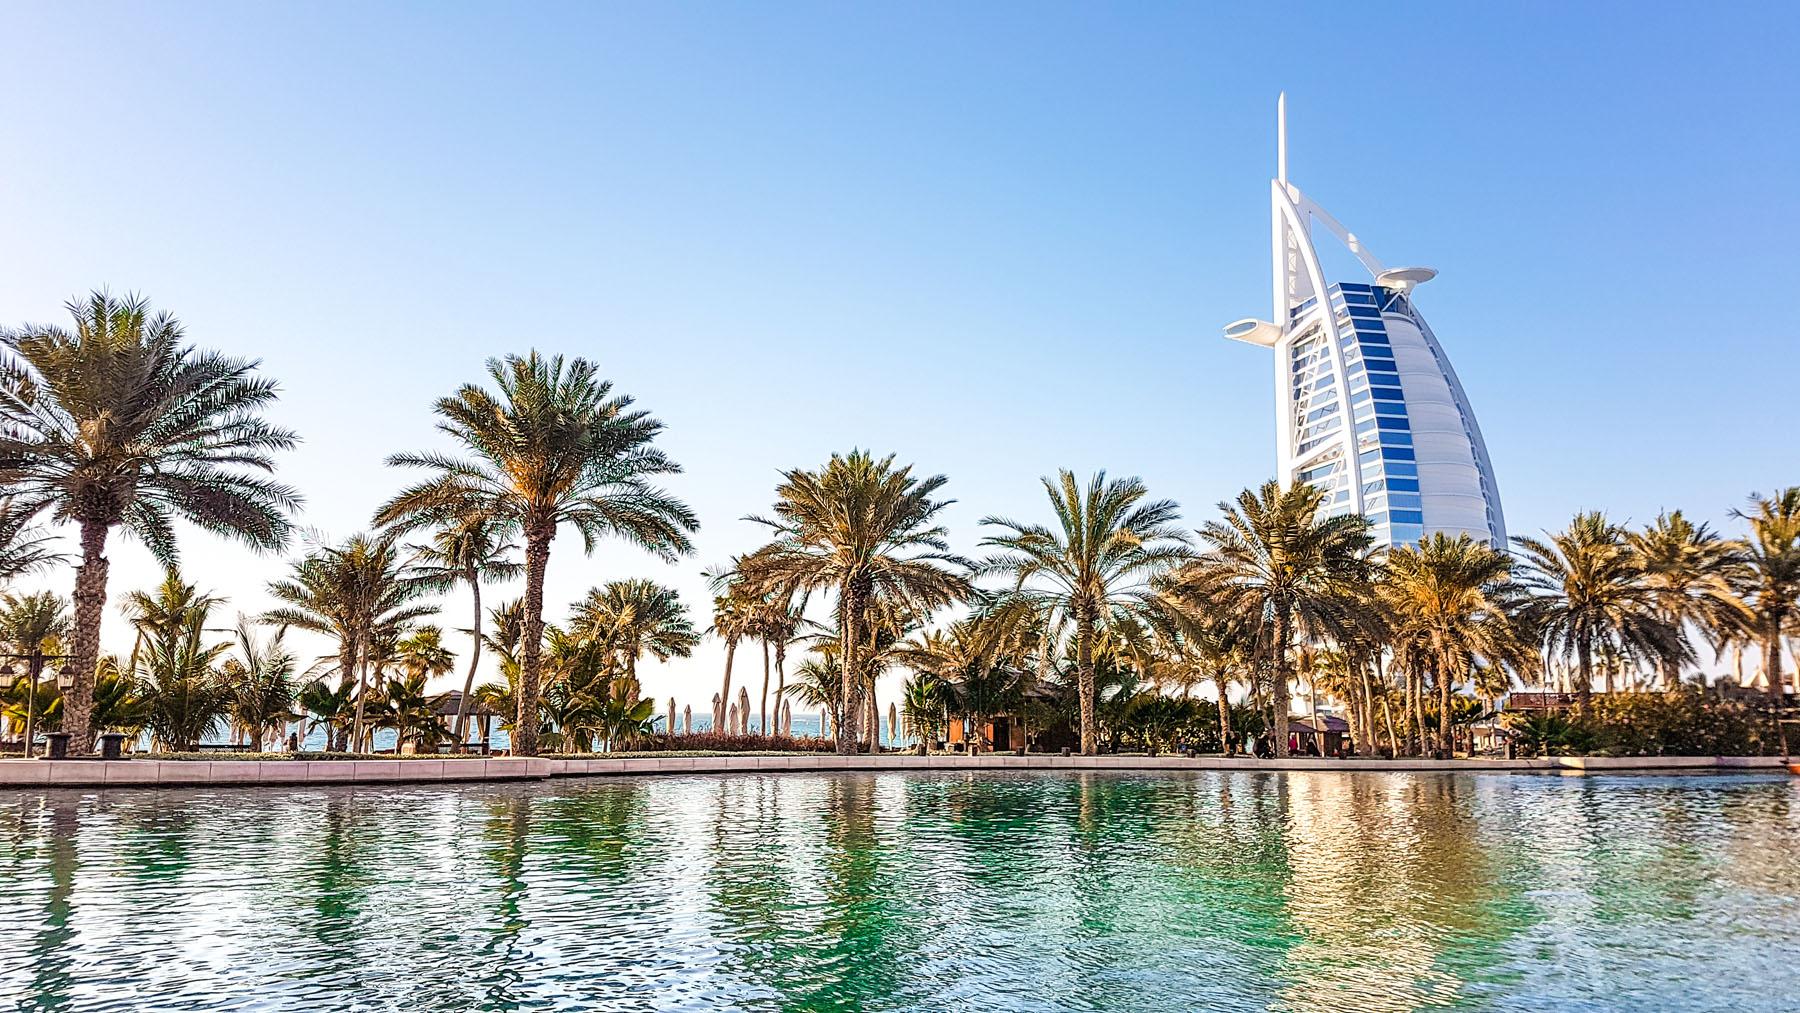 Dubai Burj al Arab Madinat Jumeirah Hotel